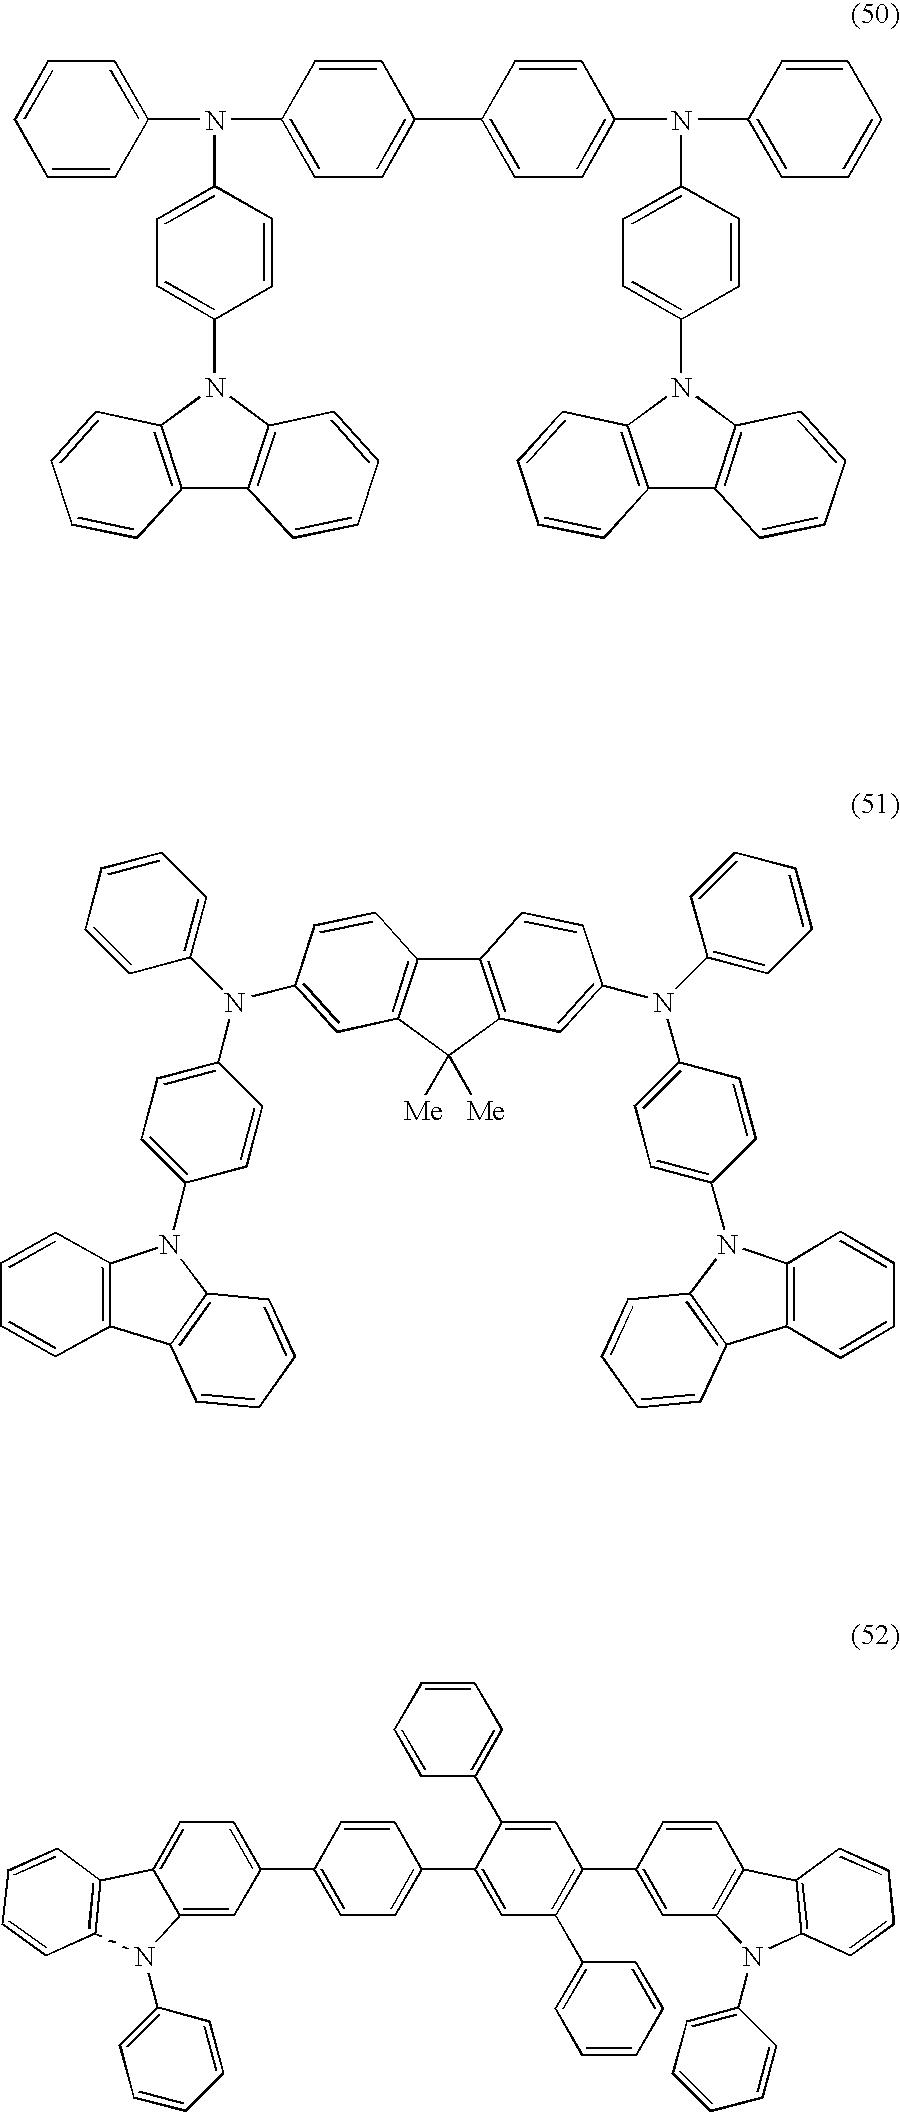 Figure US07226546-20070605-C00019